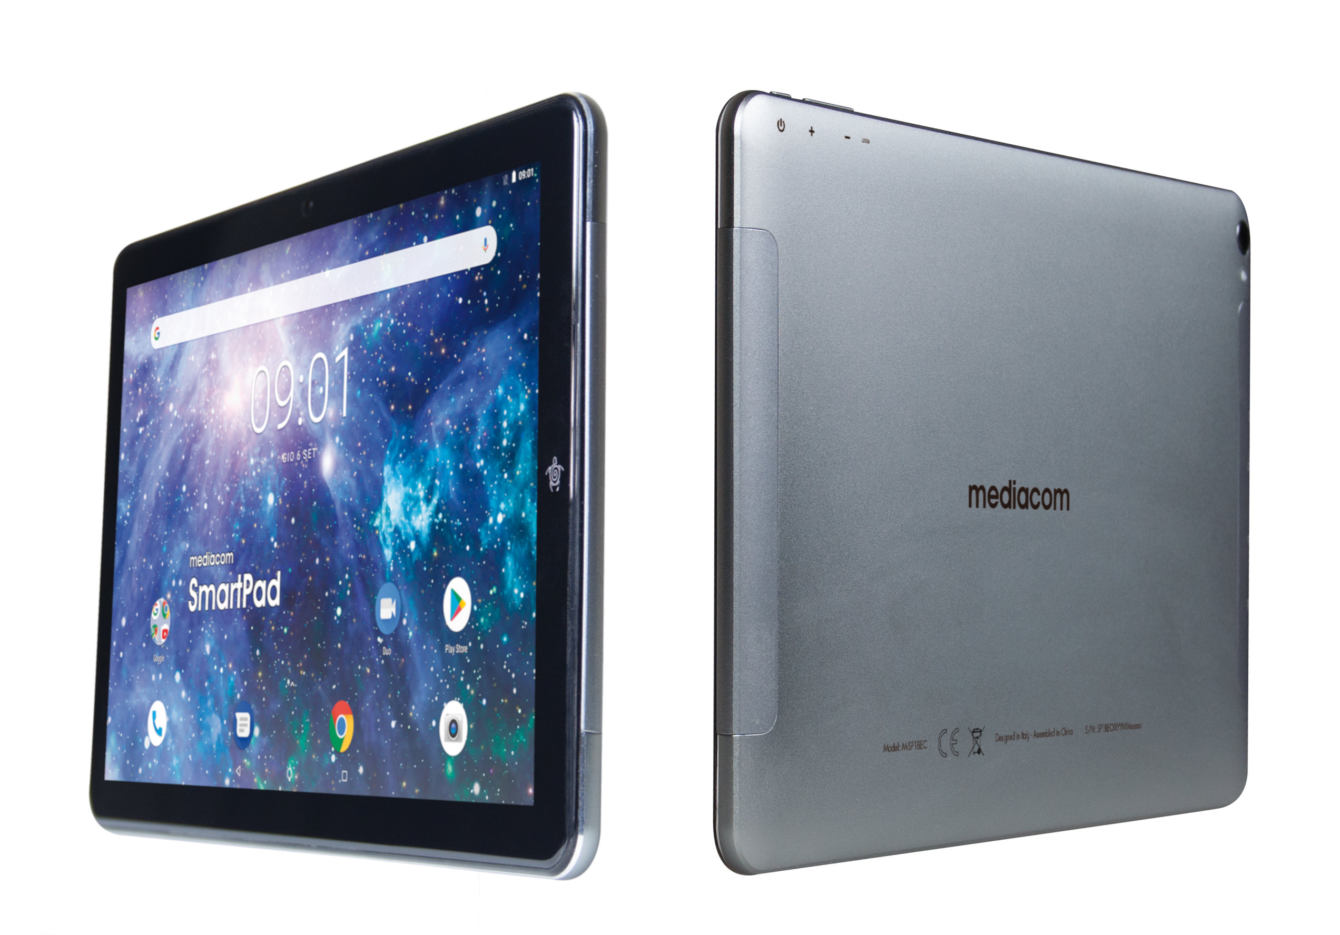 SmartPad 10 Eclipse 2: connettività a 360 gradi